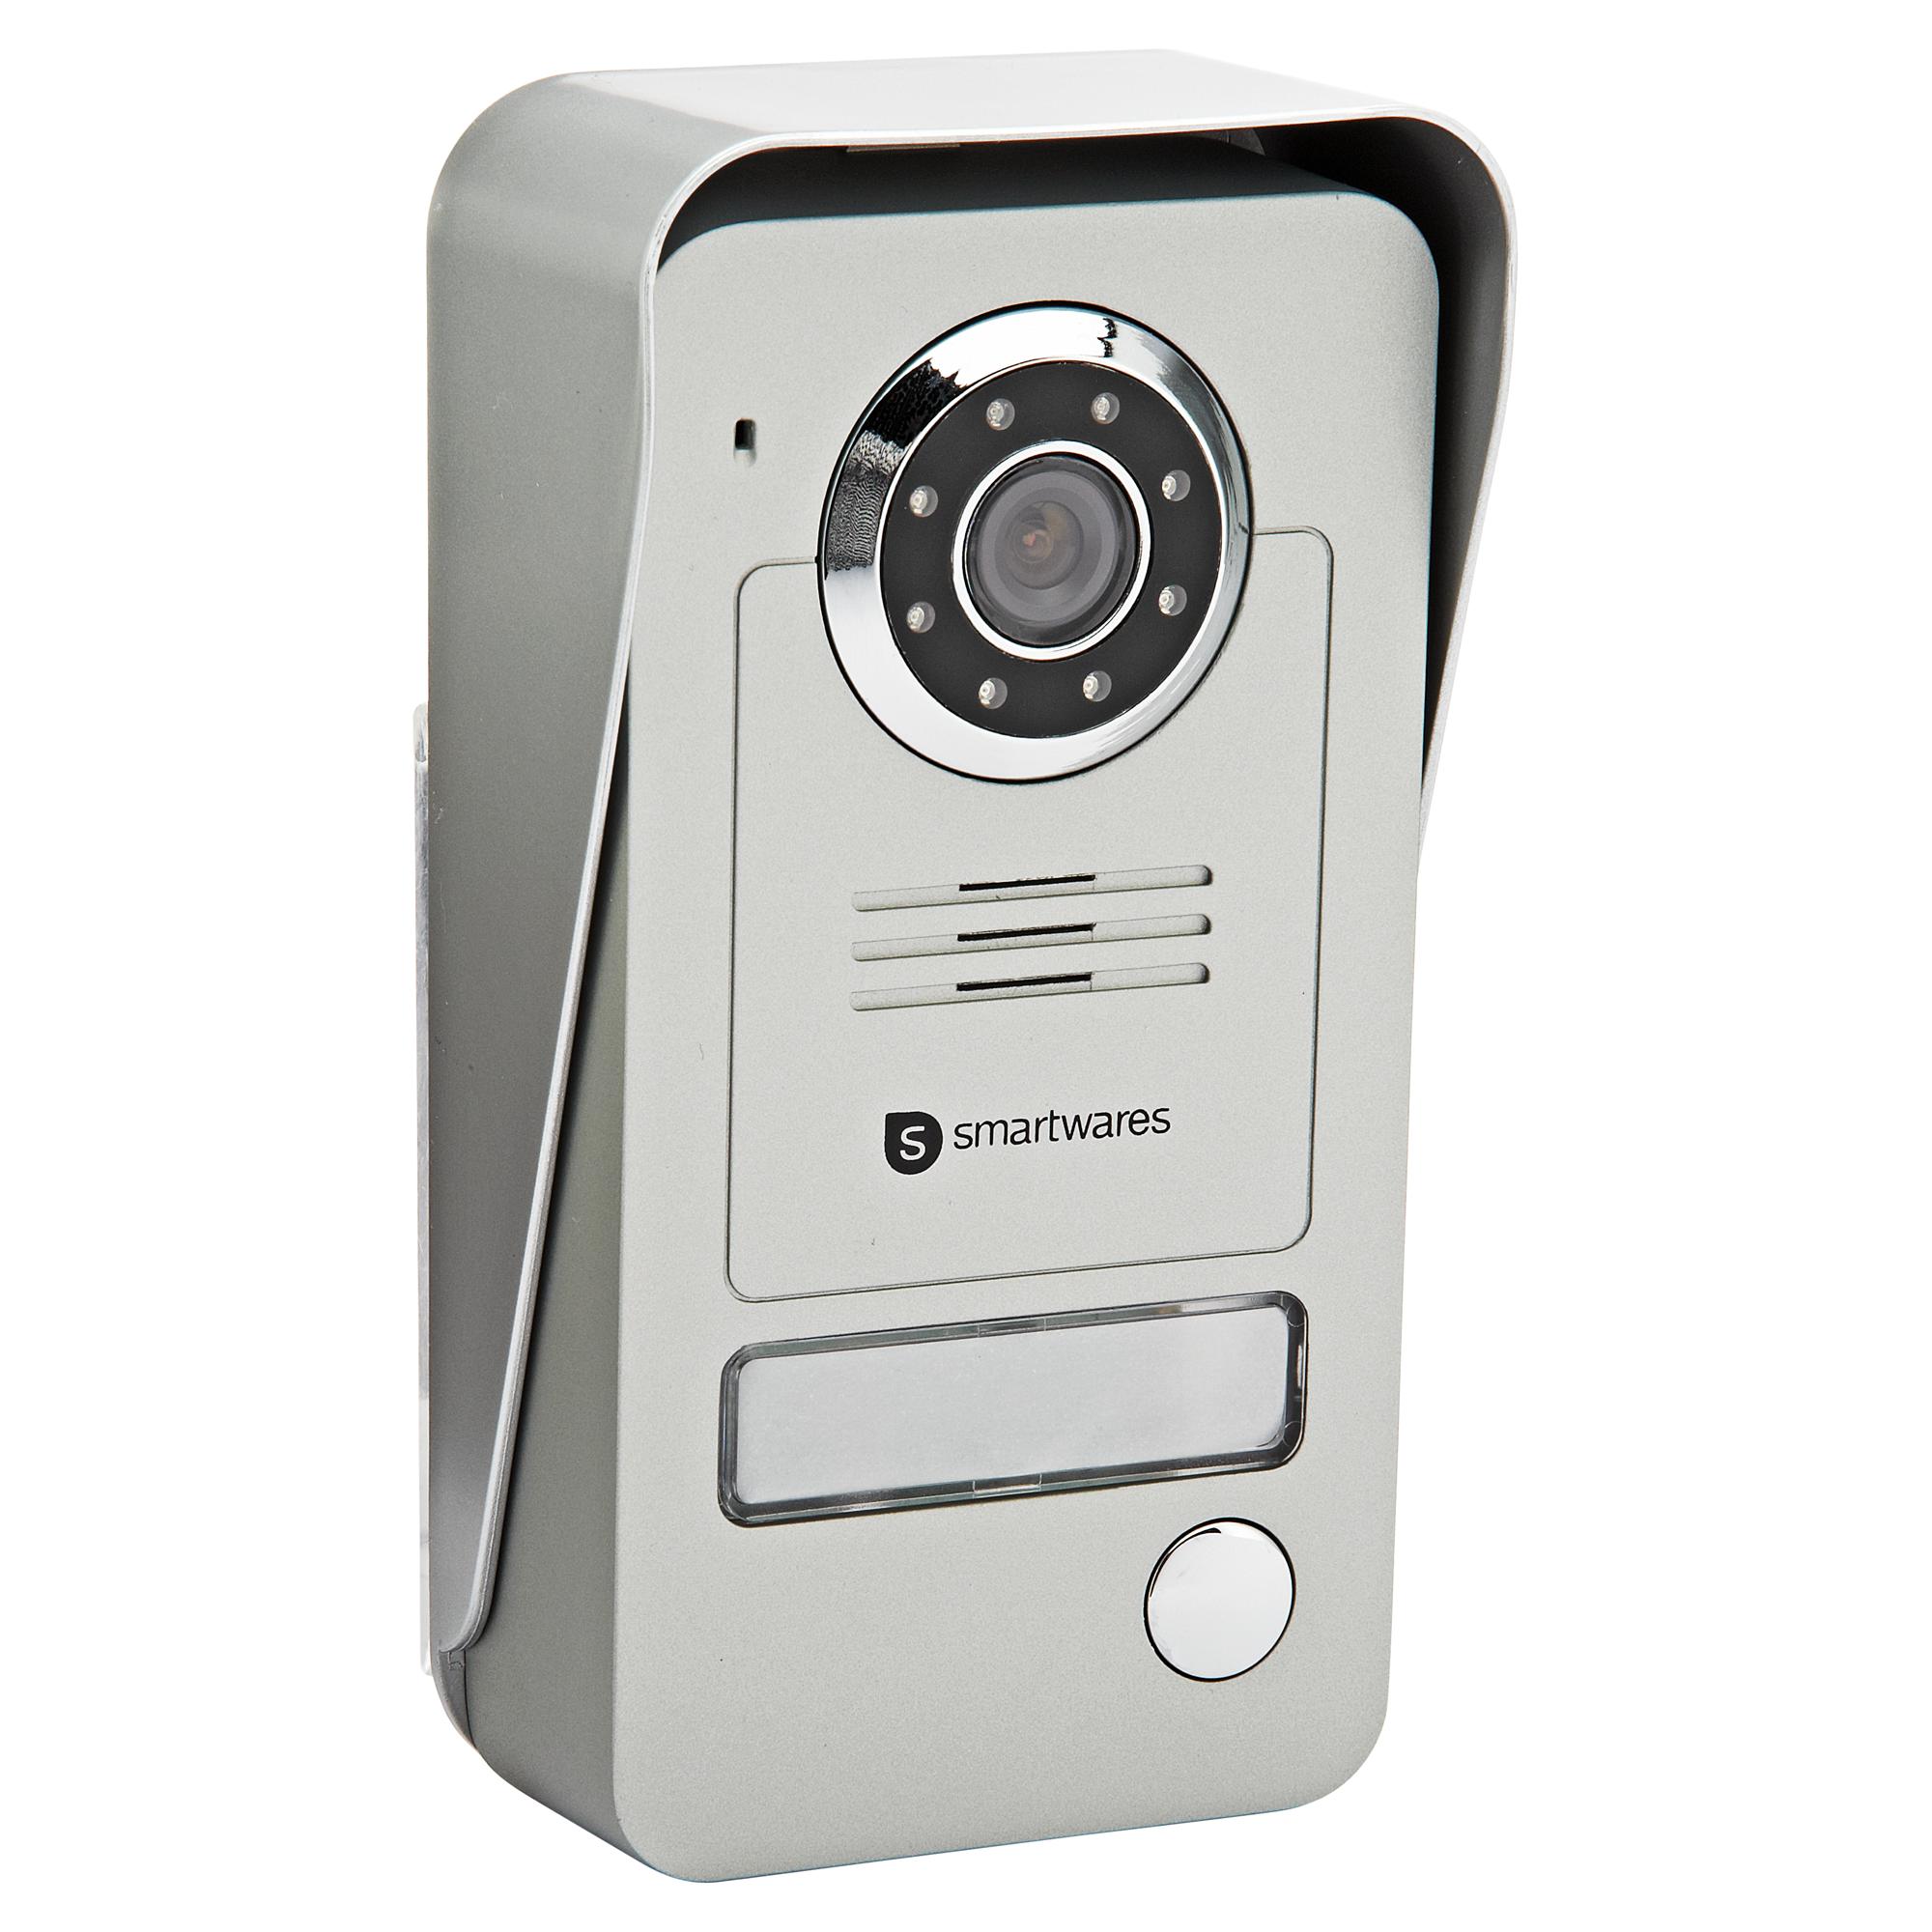 Drahtlose Türsprechanlage VD38W mit tragbarer Monitoreinheit und Kamera mit Nachtsichtfunktion Smartwares®